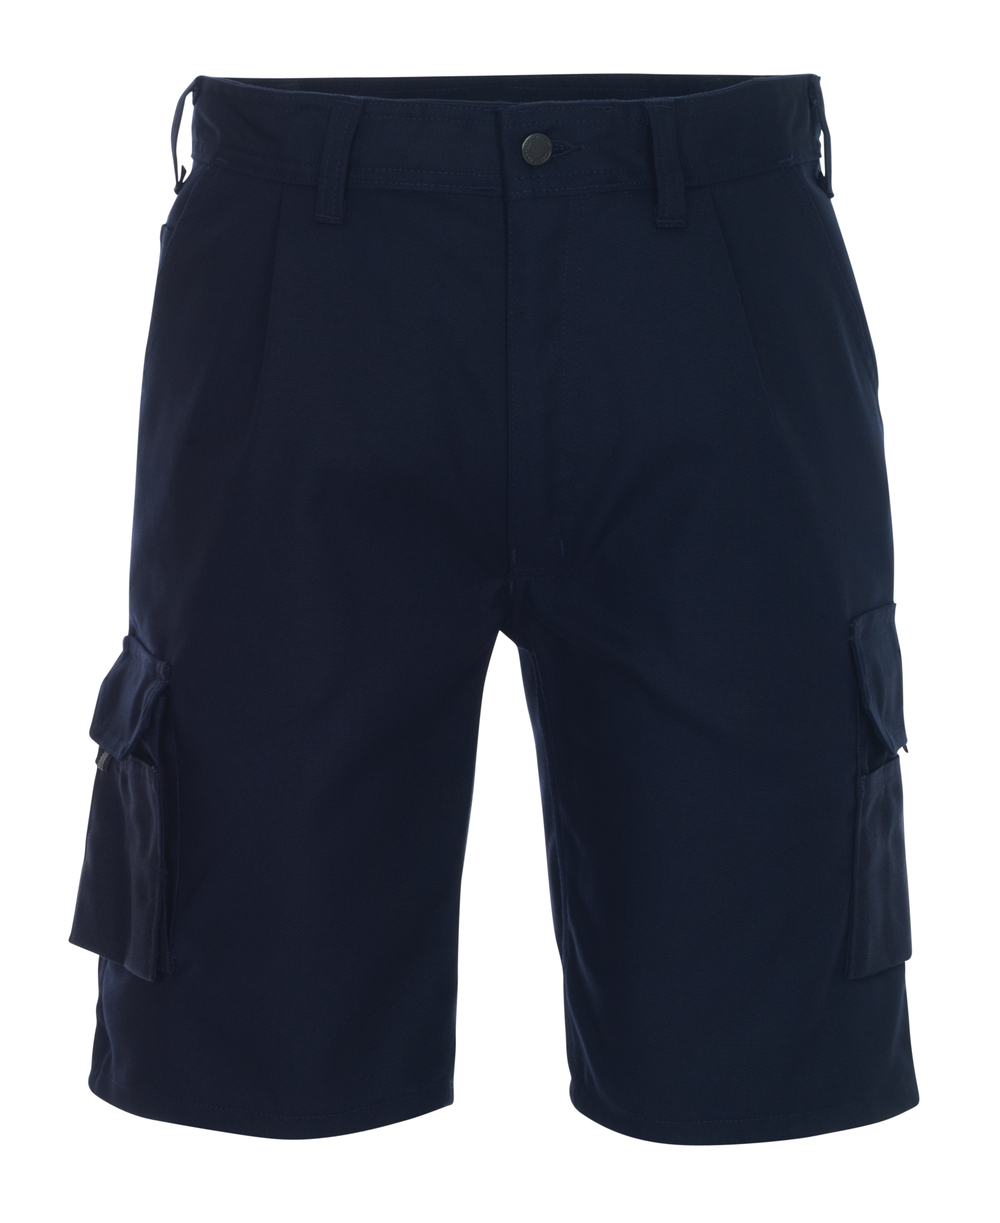 03049-010-01 Pantalones cortos - azul marino